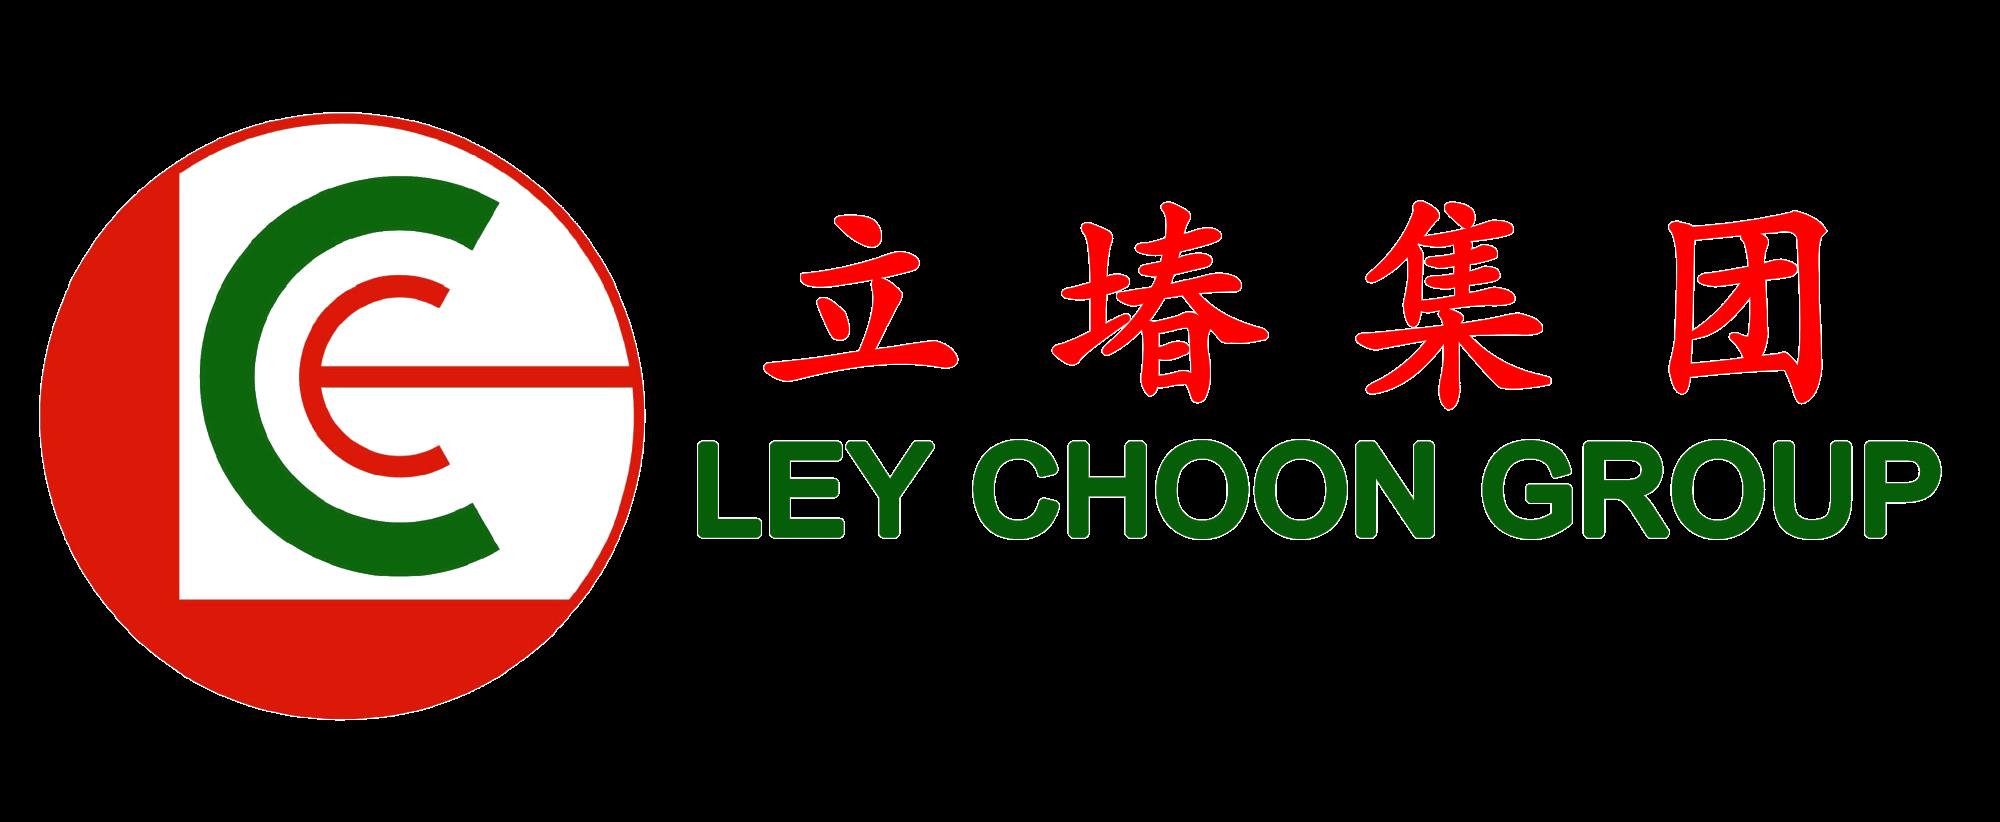 Ley Choon Group